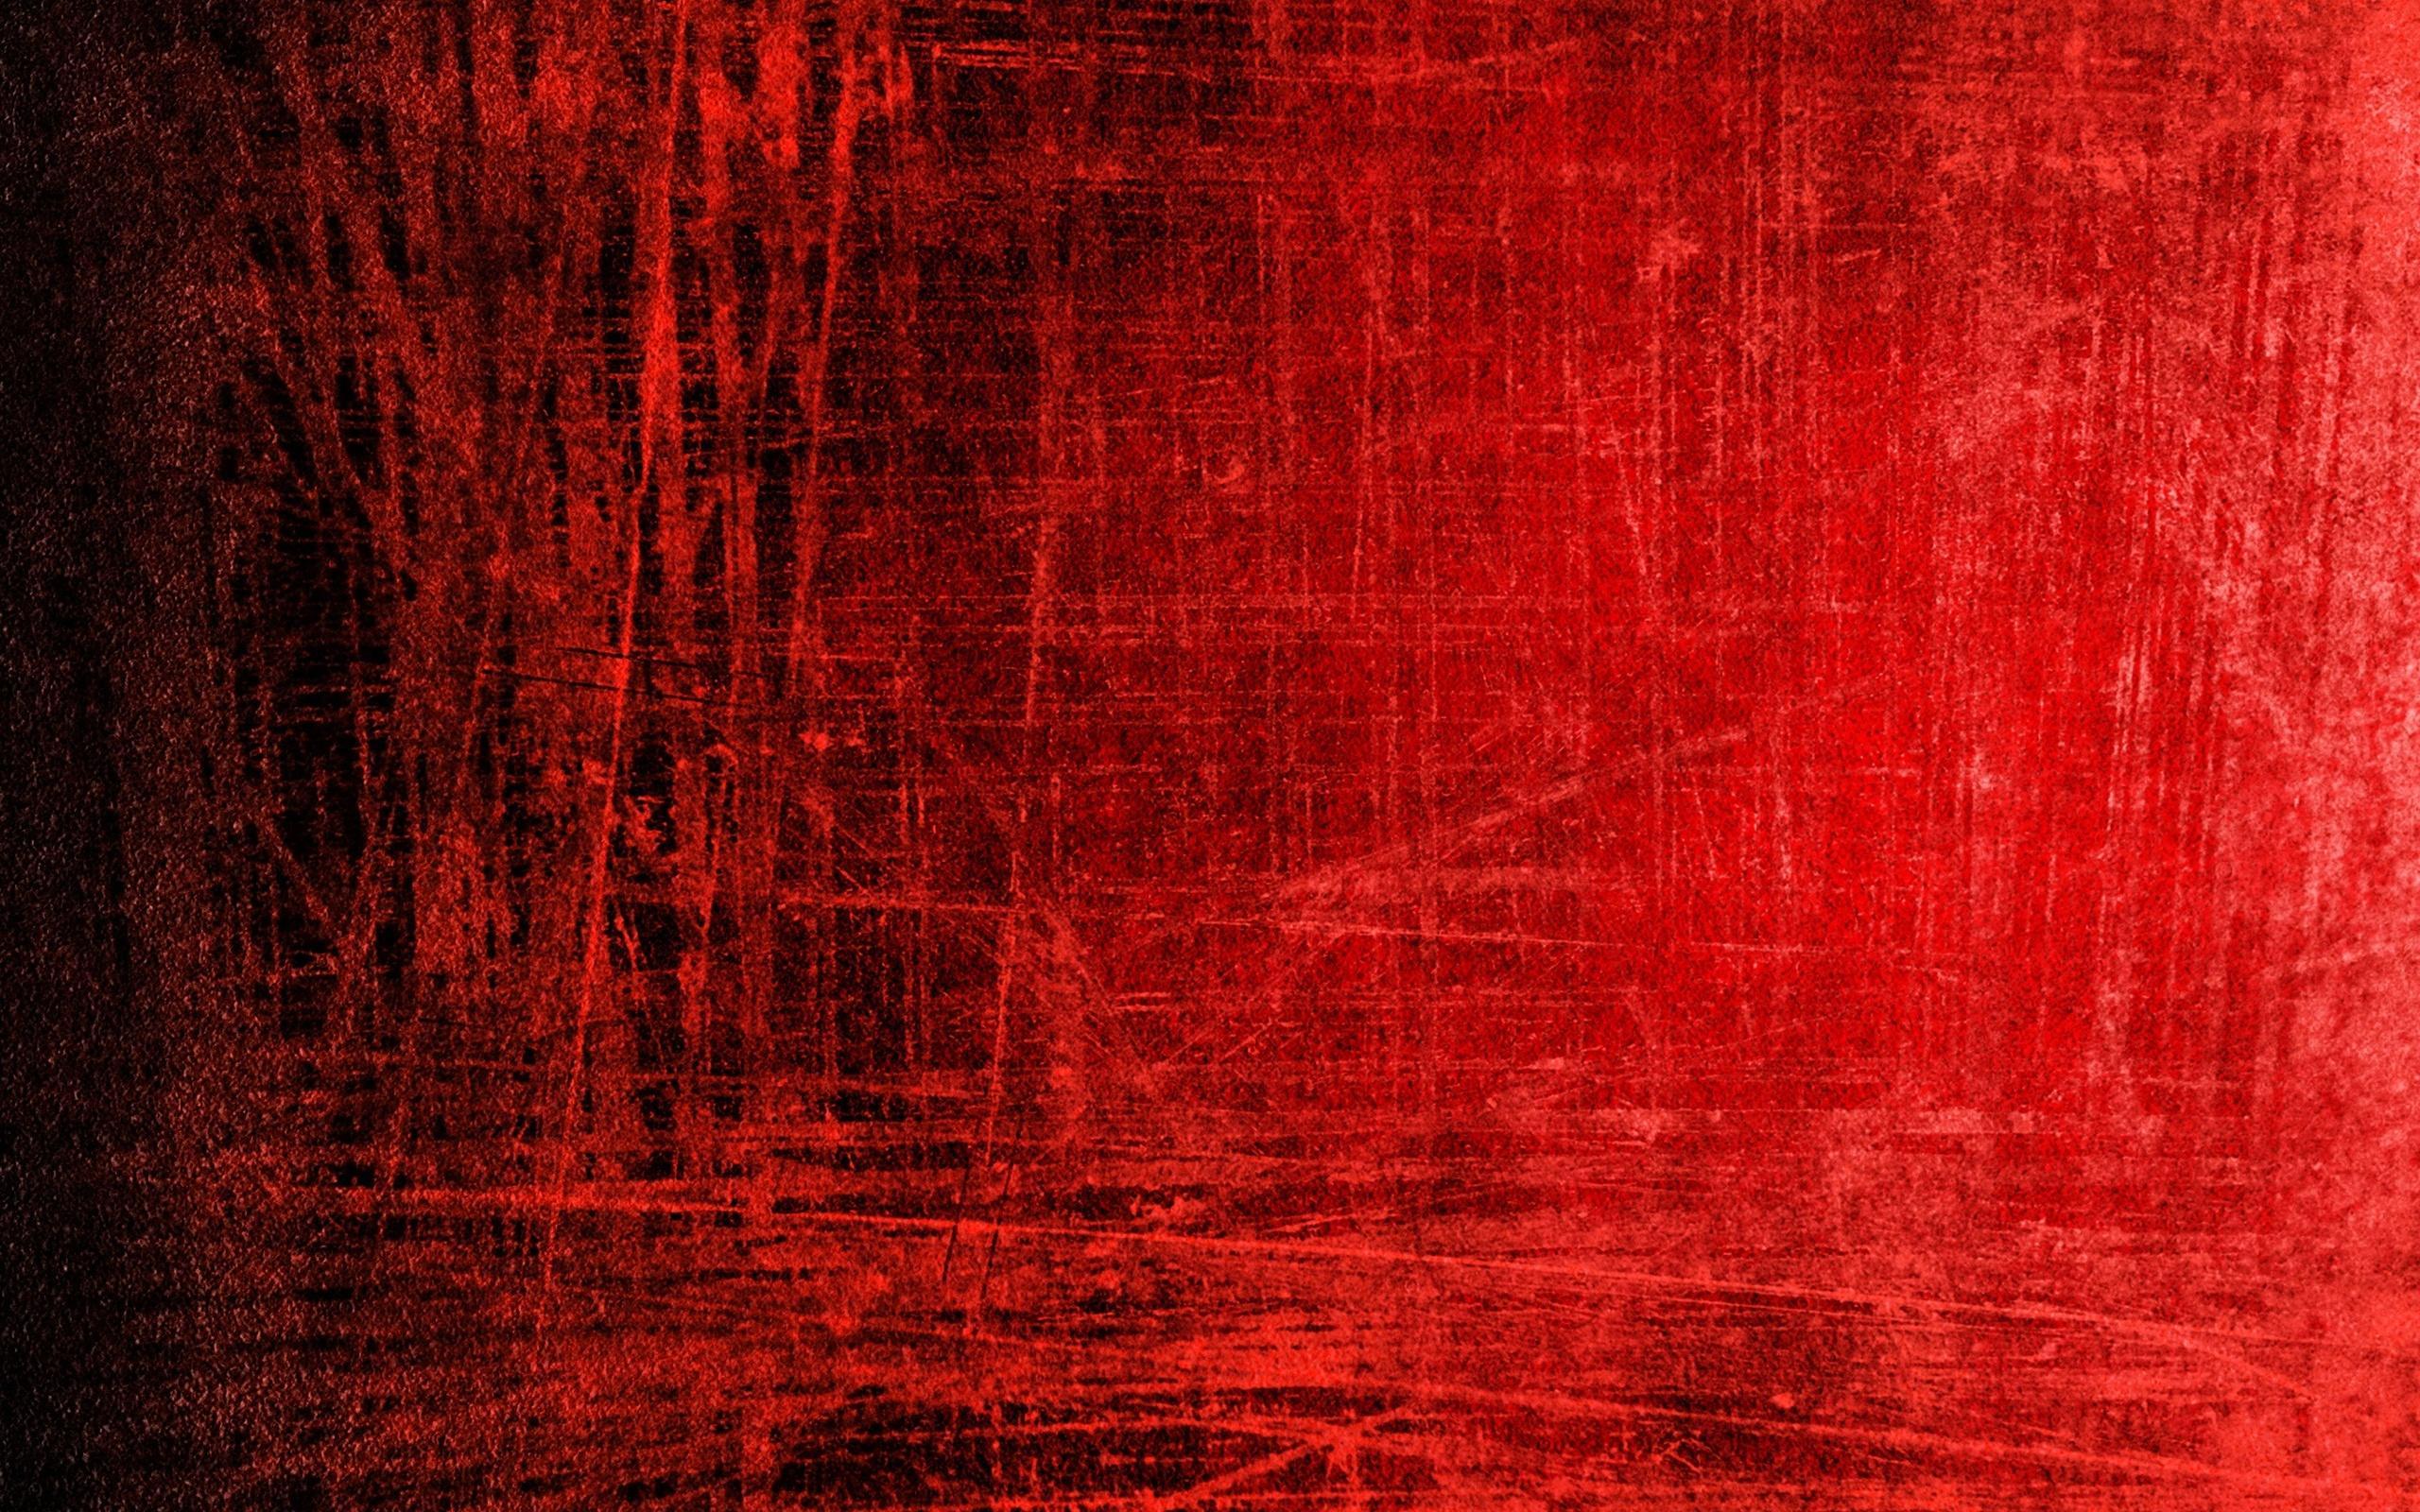 red dr odd. Black Bedroom Furniture Sets. Home Design Ideas